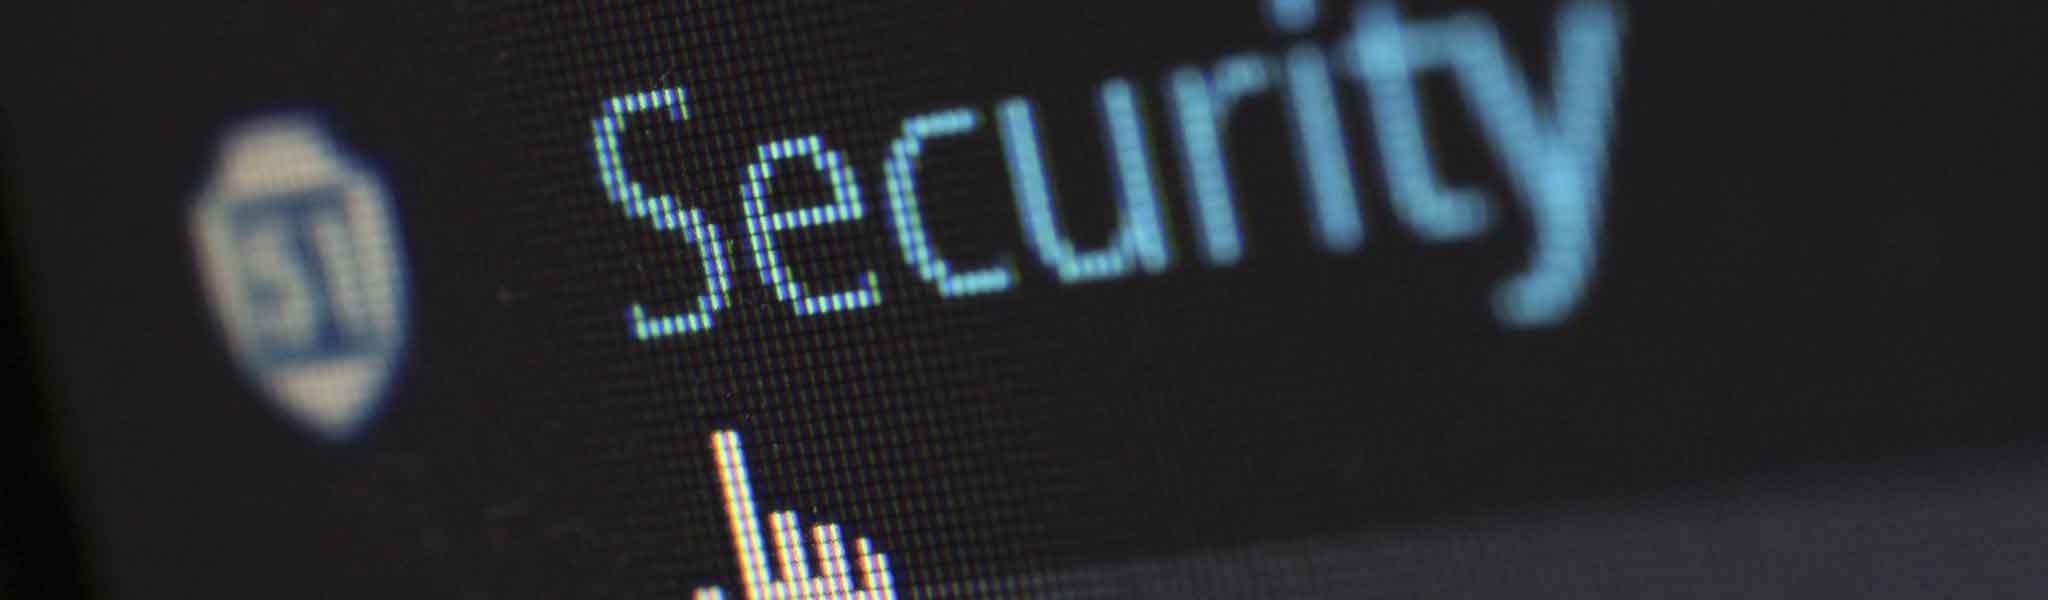 Security Softwarengineering